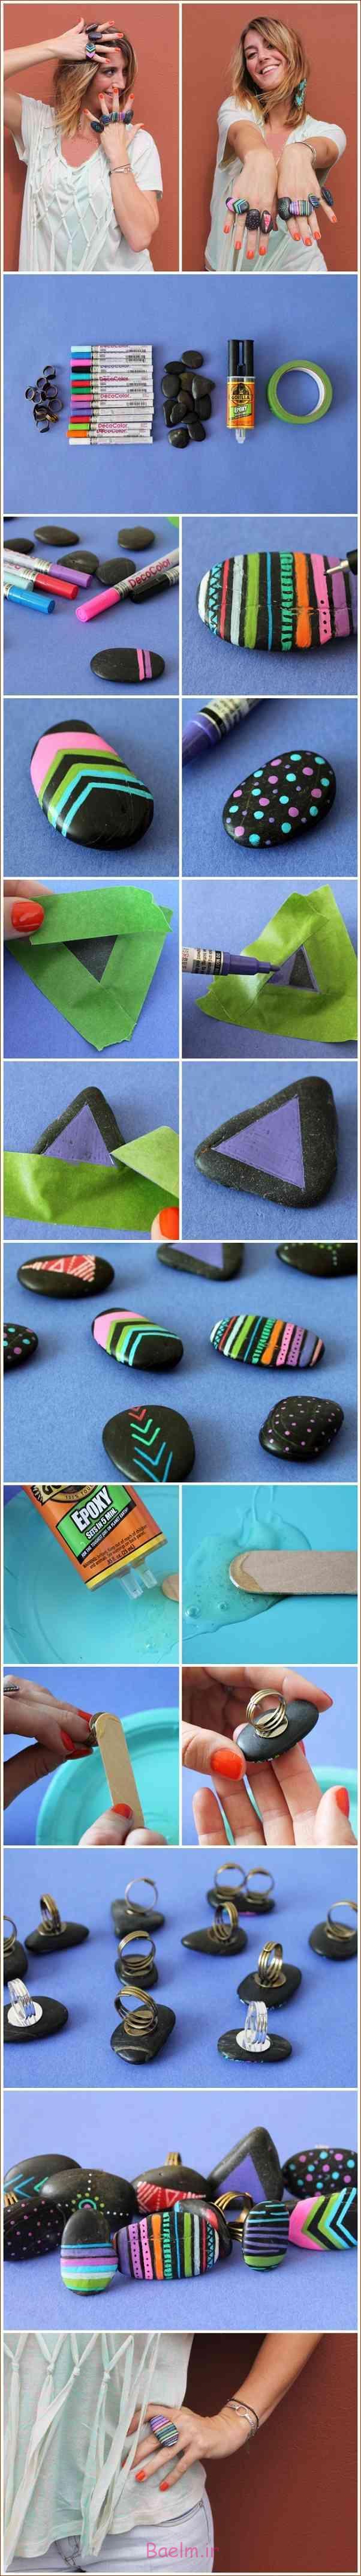 آموزش تصویری | طرز ساخت انگشتر با سنگ (زیبا و شیک)